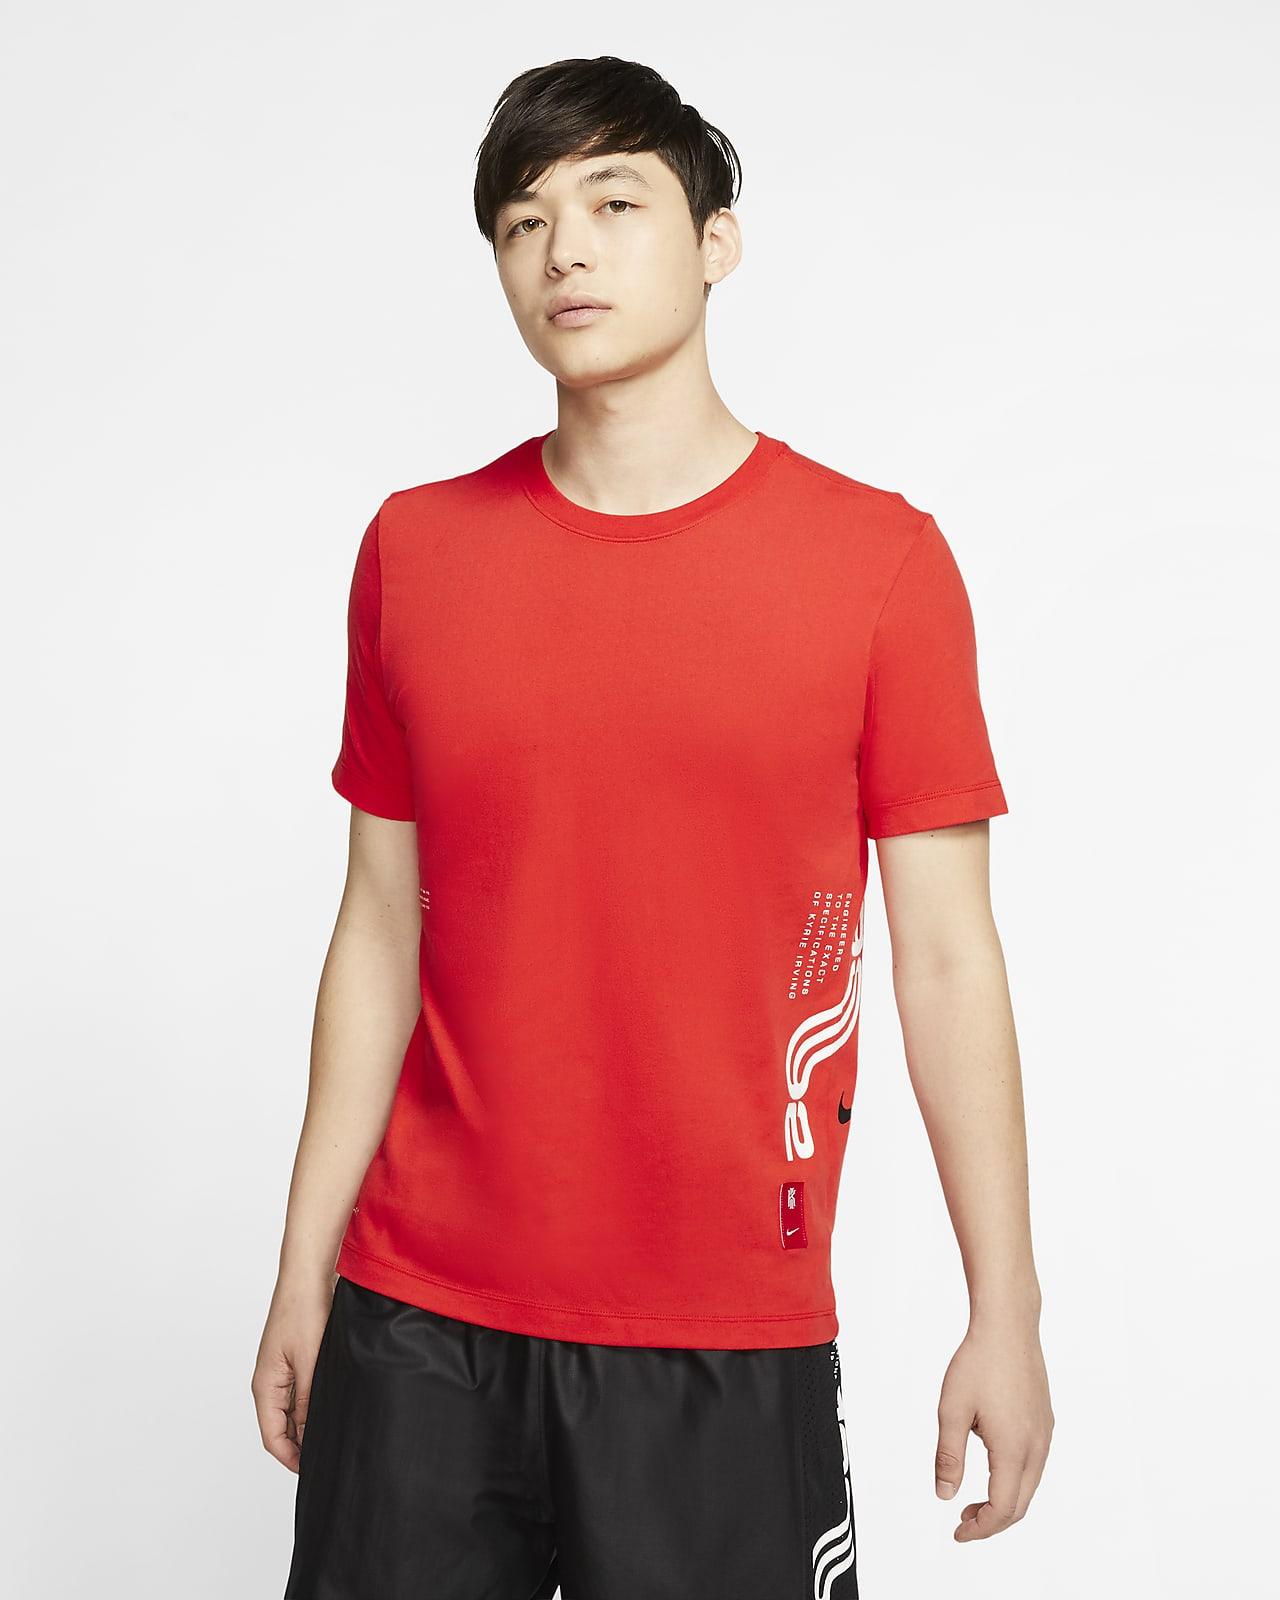 ナイキ Dri-FIT カイリー メンズ バスケットボール Tシャツ